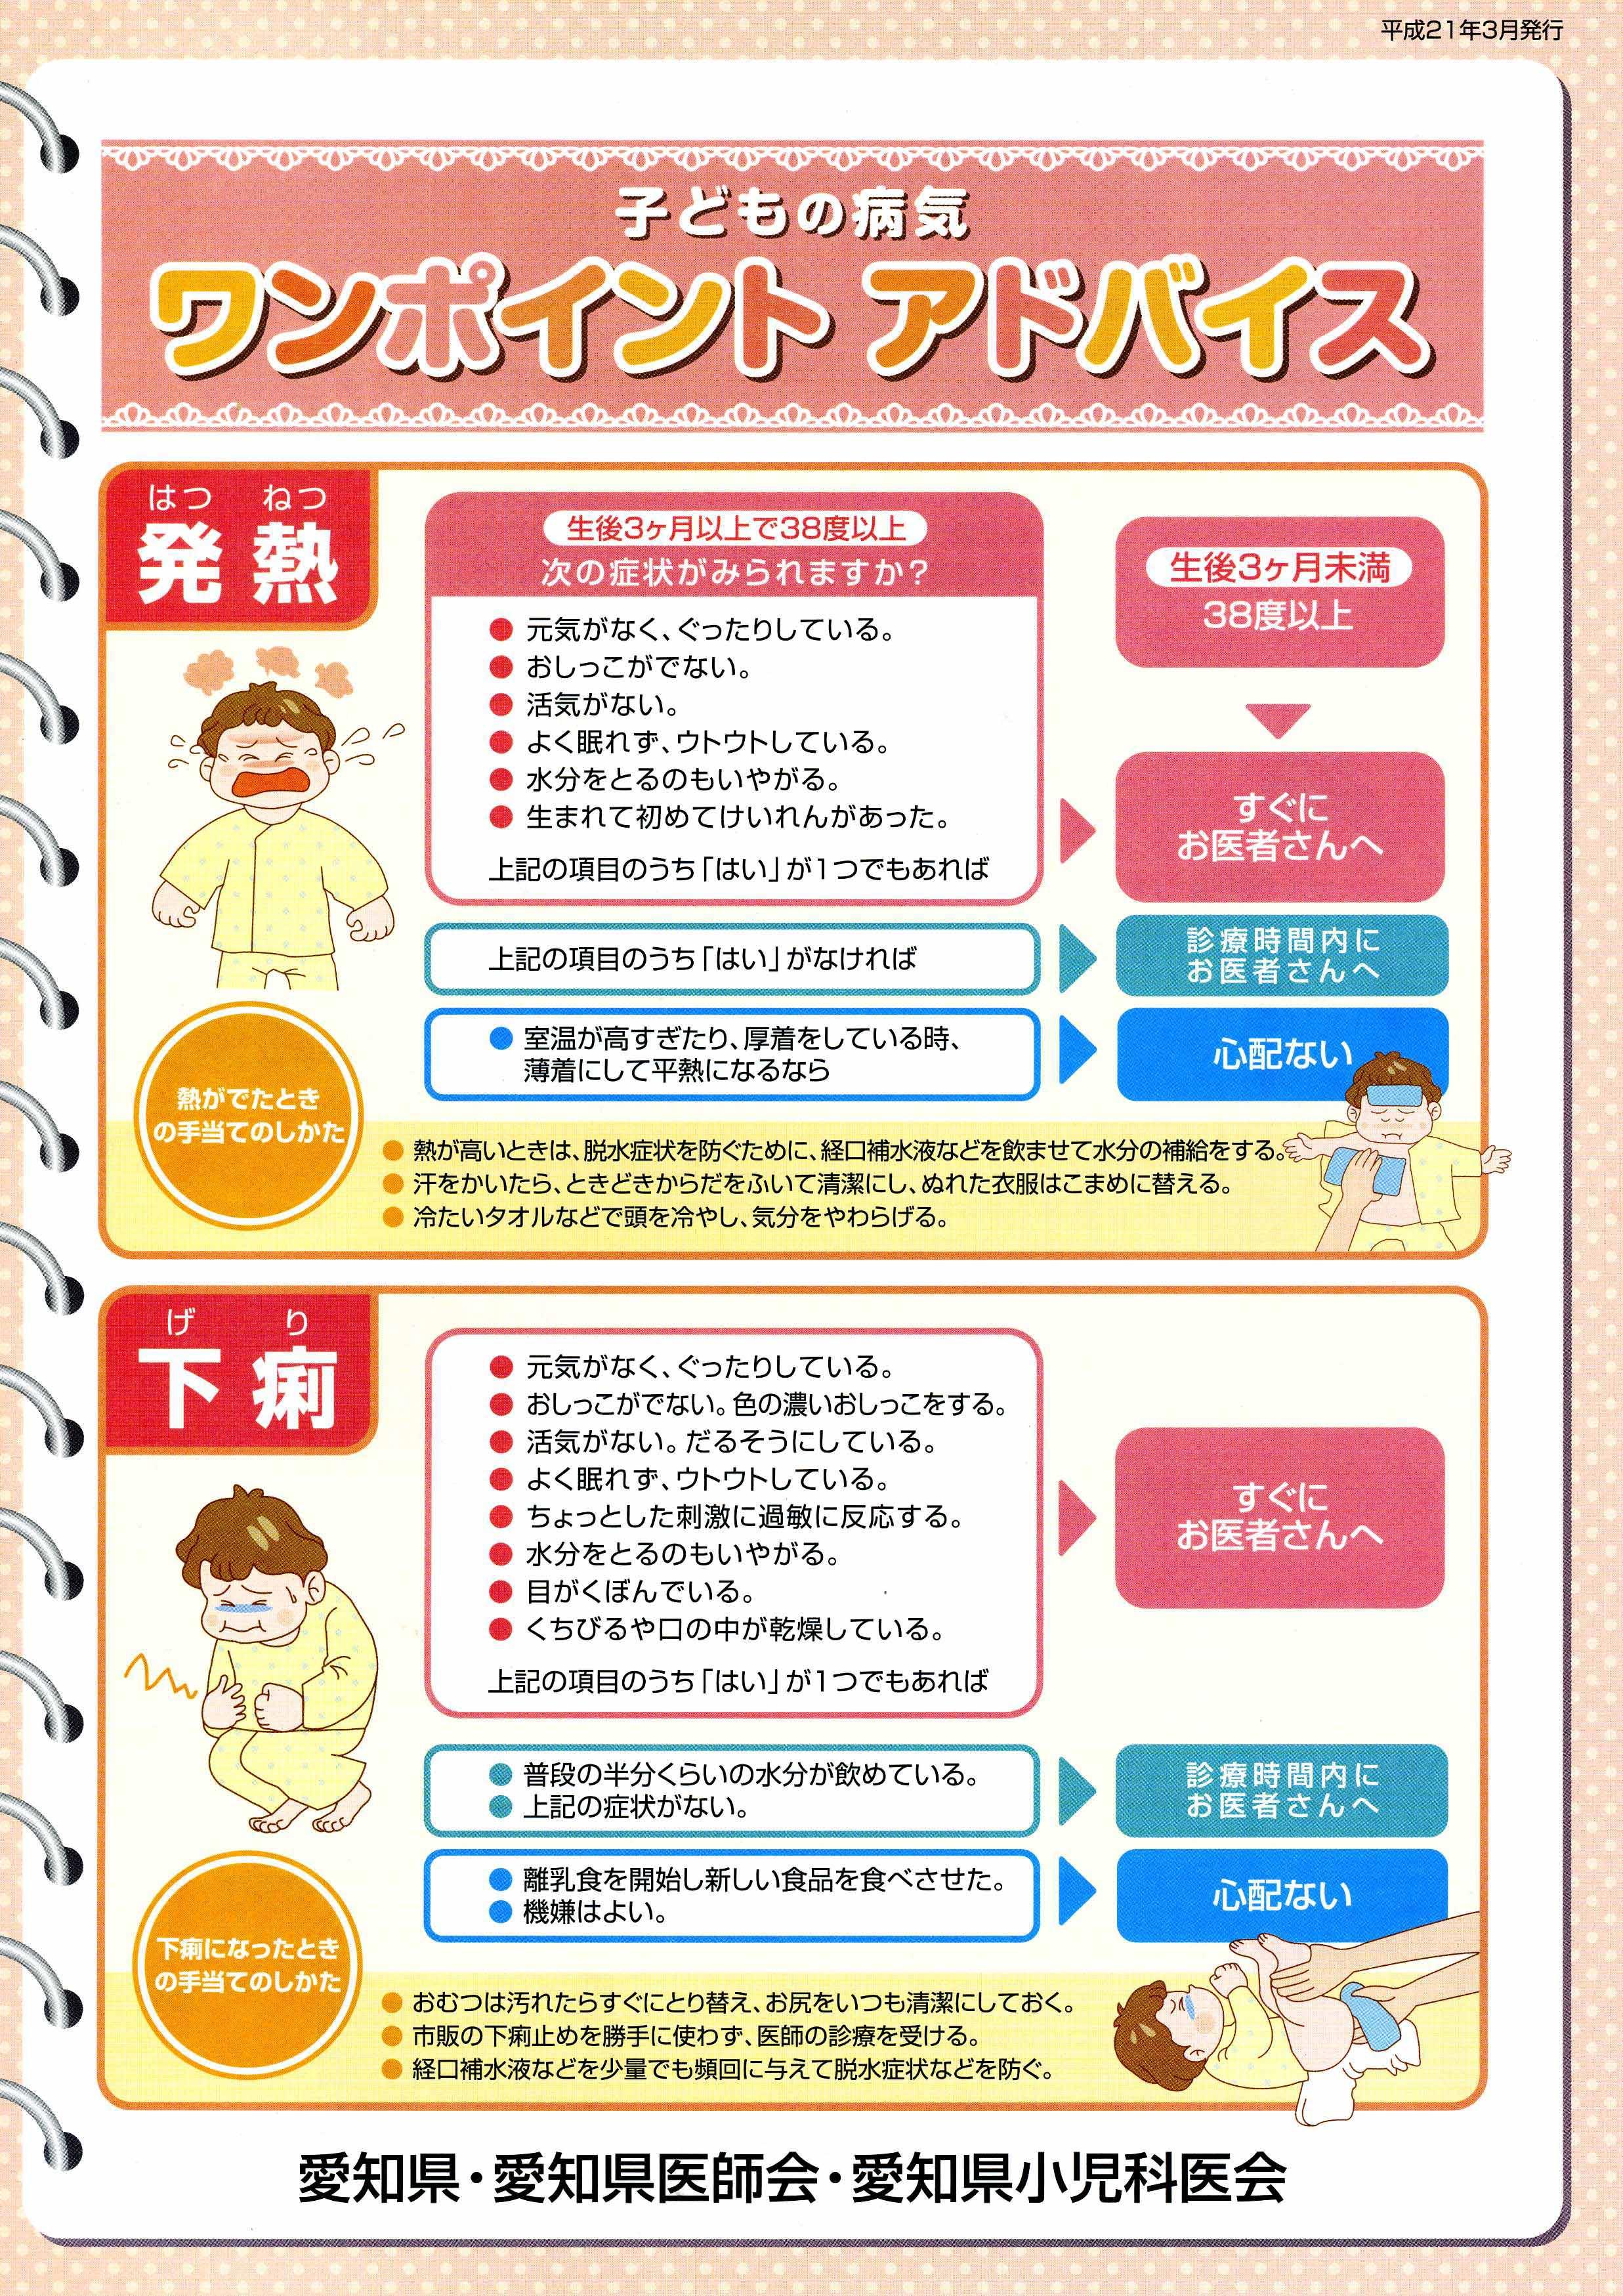 感染 豊橋 市 【新型コロナ感染症の状況と、学校閉鎖のお知らせ】